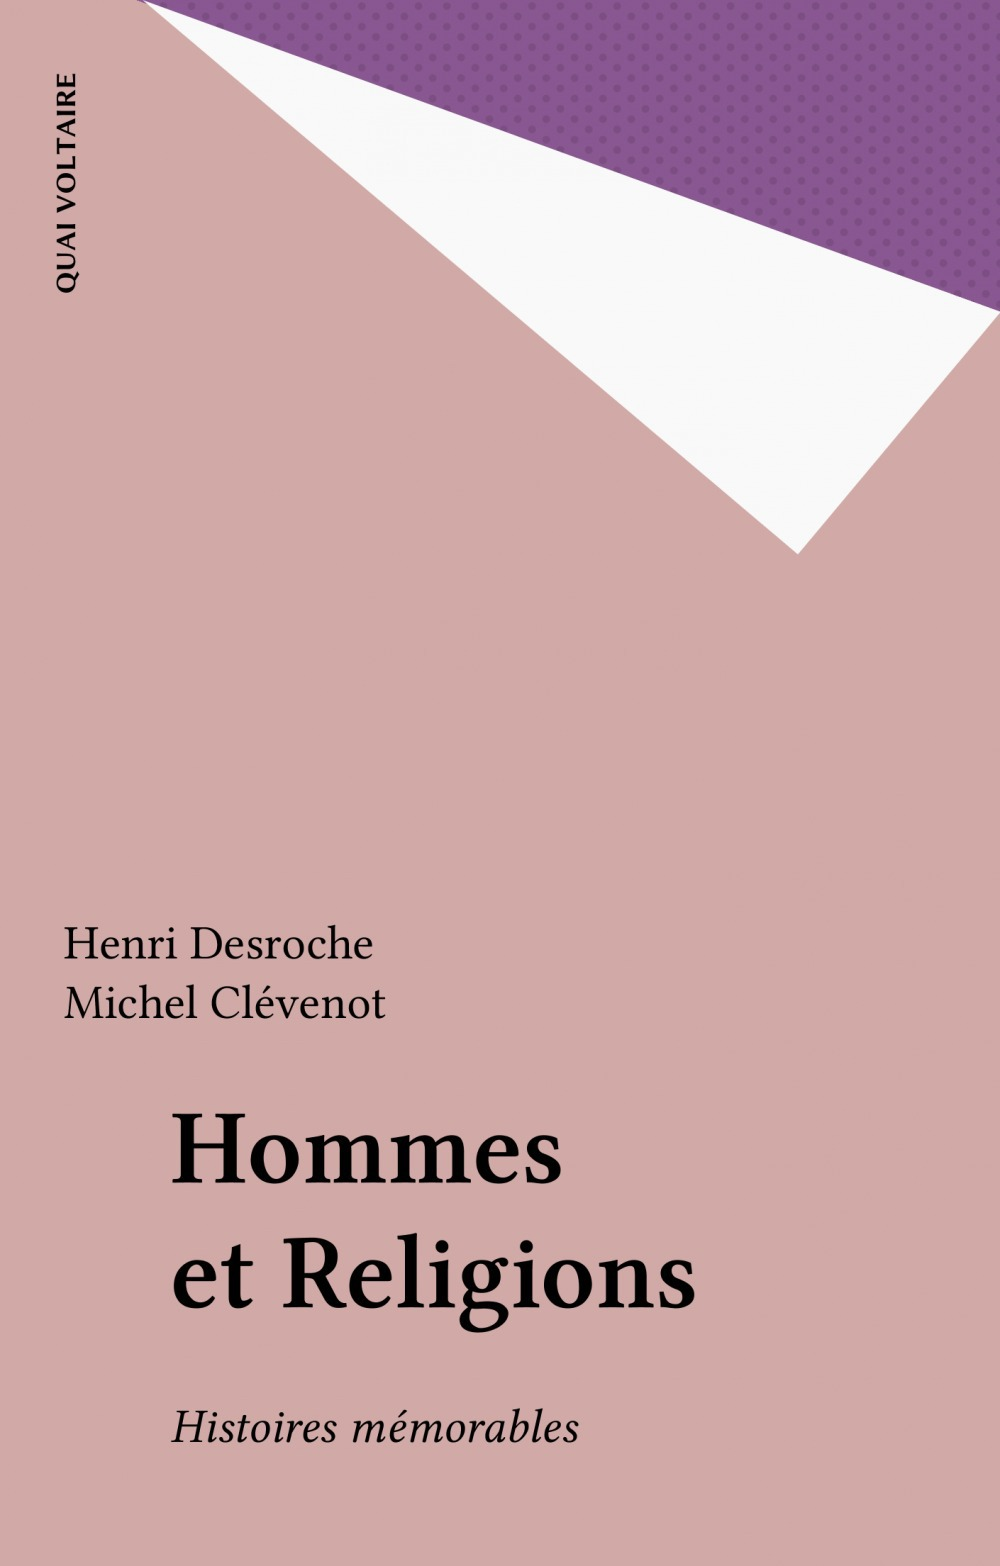 Hommes et religions